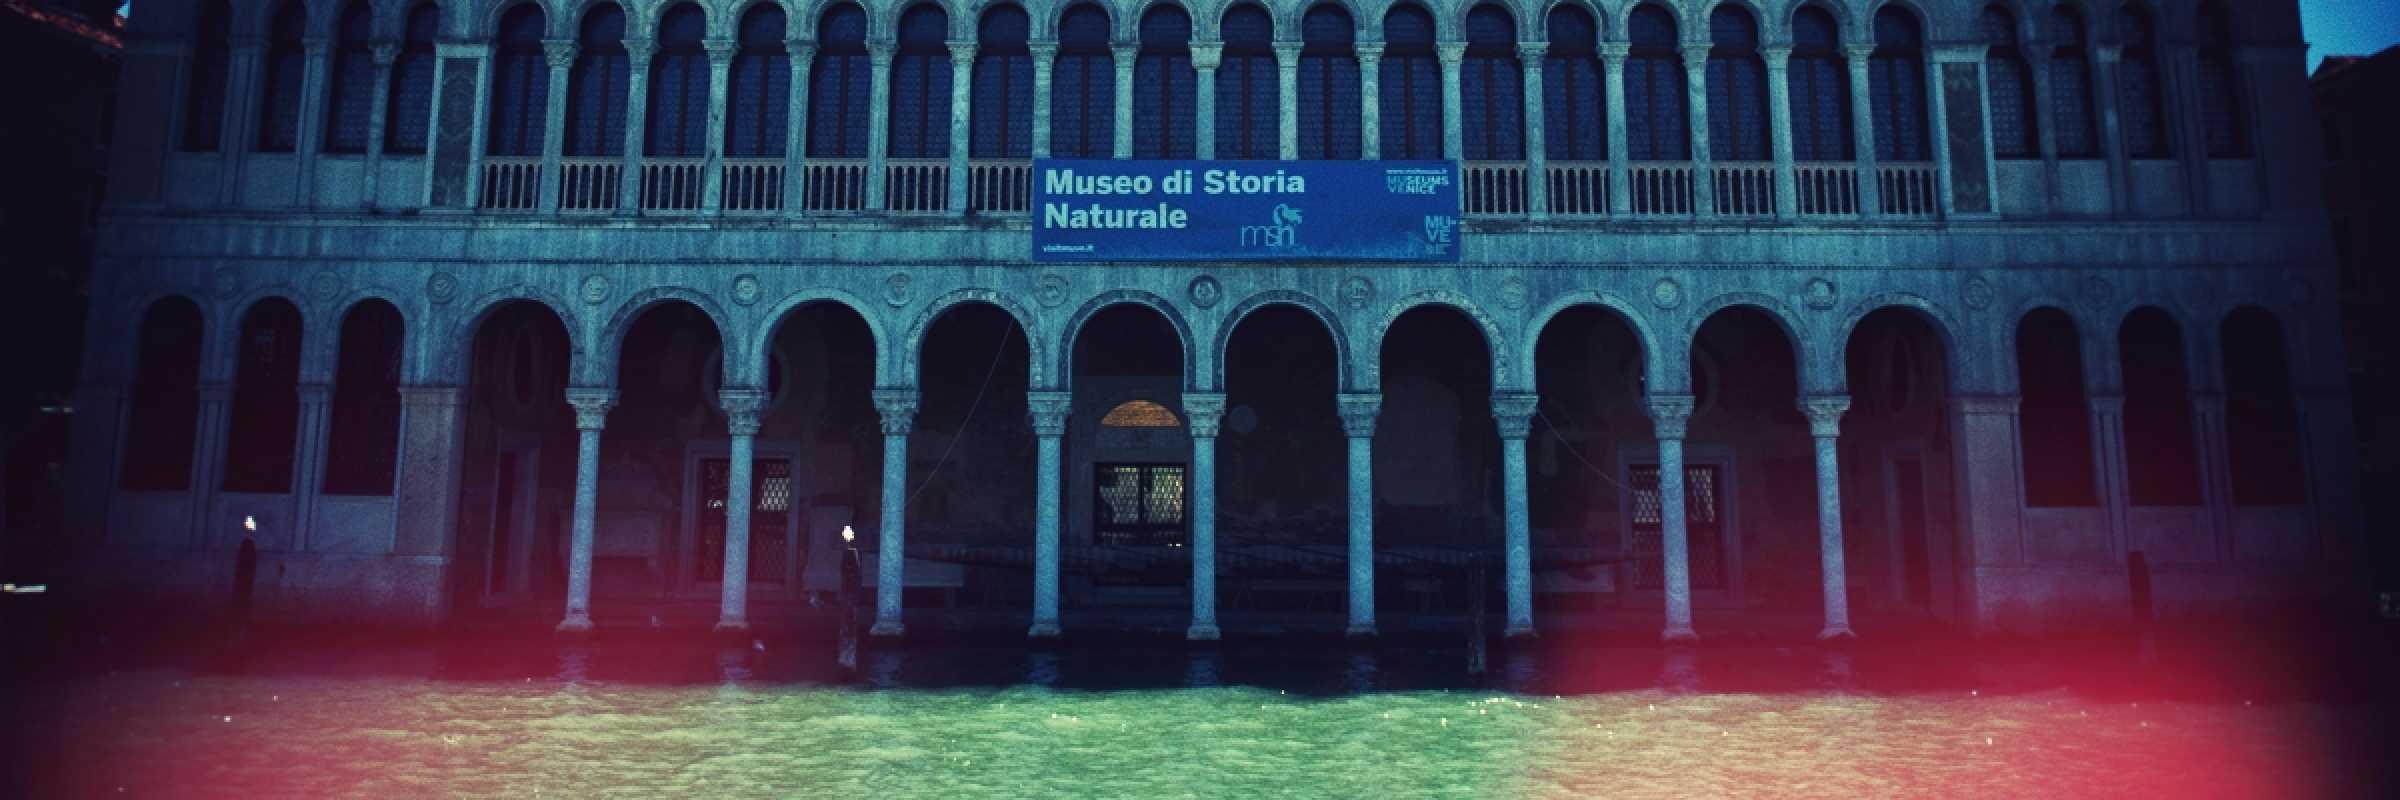 La facciata del Fontego dei Turchi, la sede del Museo di Storia Naturale.